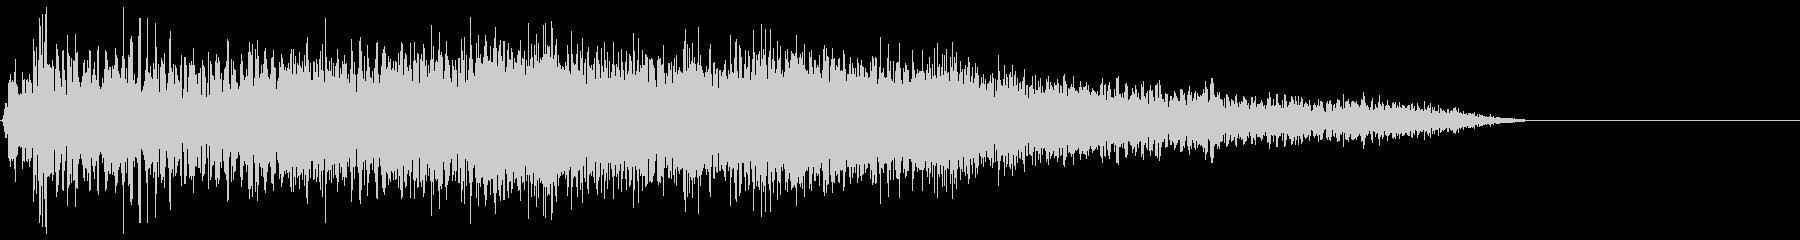 ヘビーメタルムーブメント5の未再生の波形